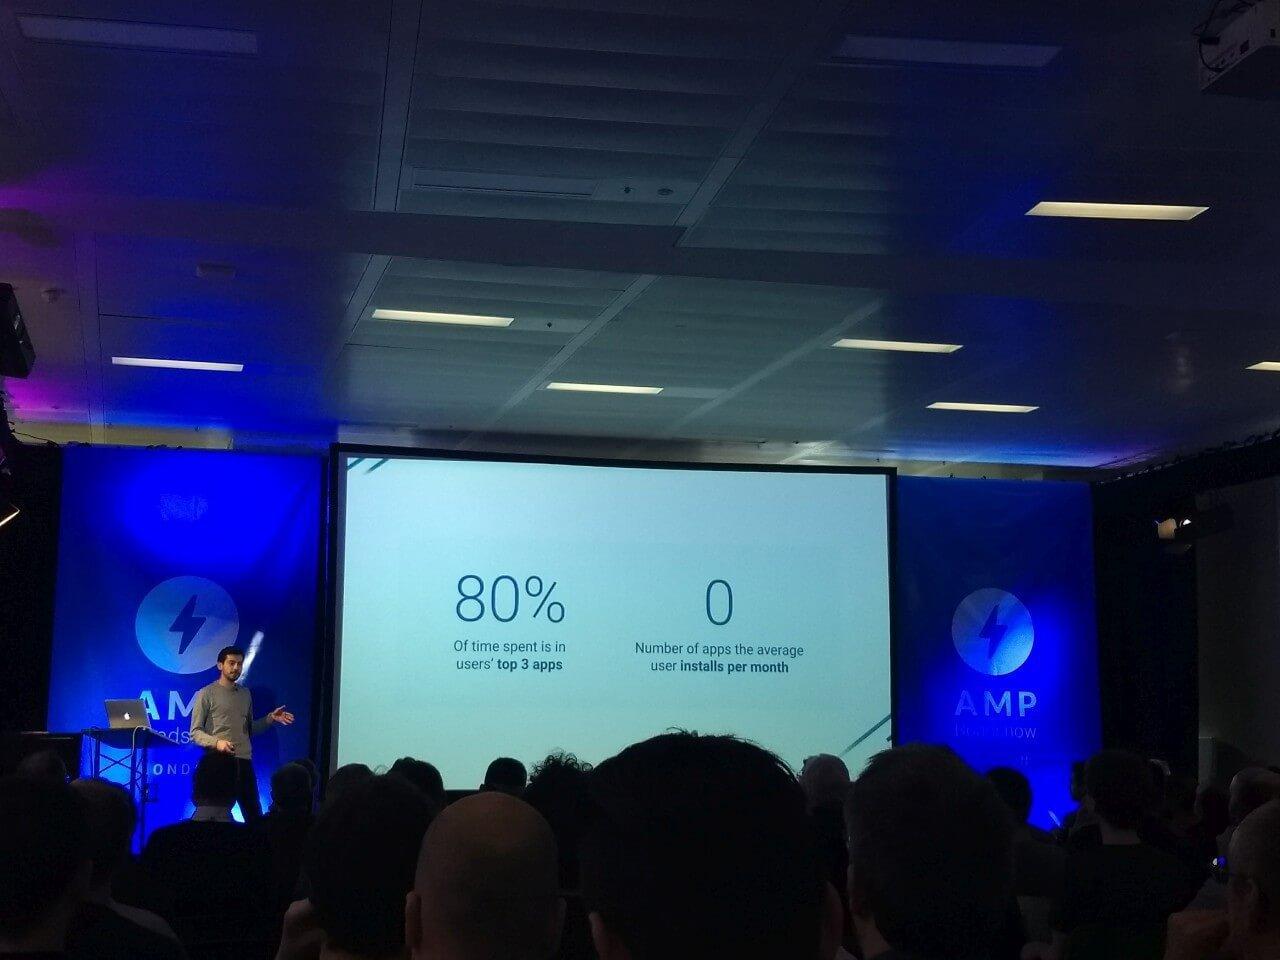 Google's AMP seminar te Londen